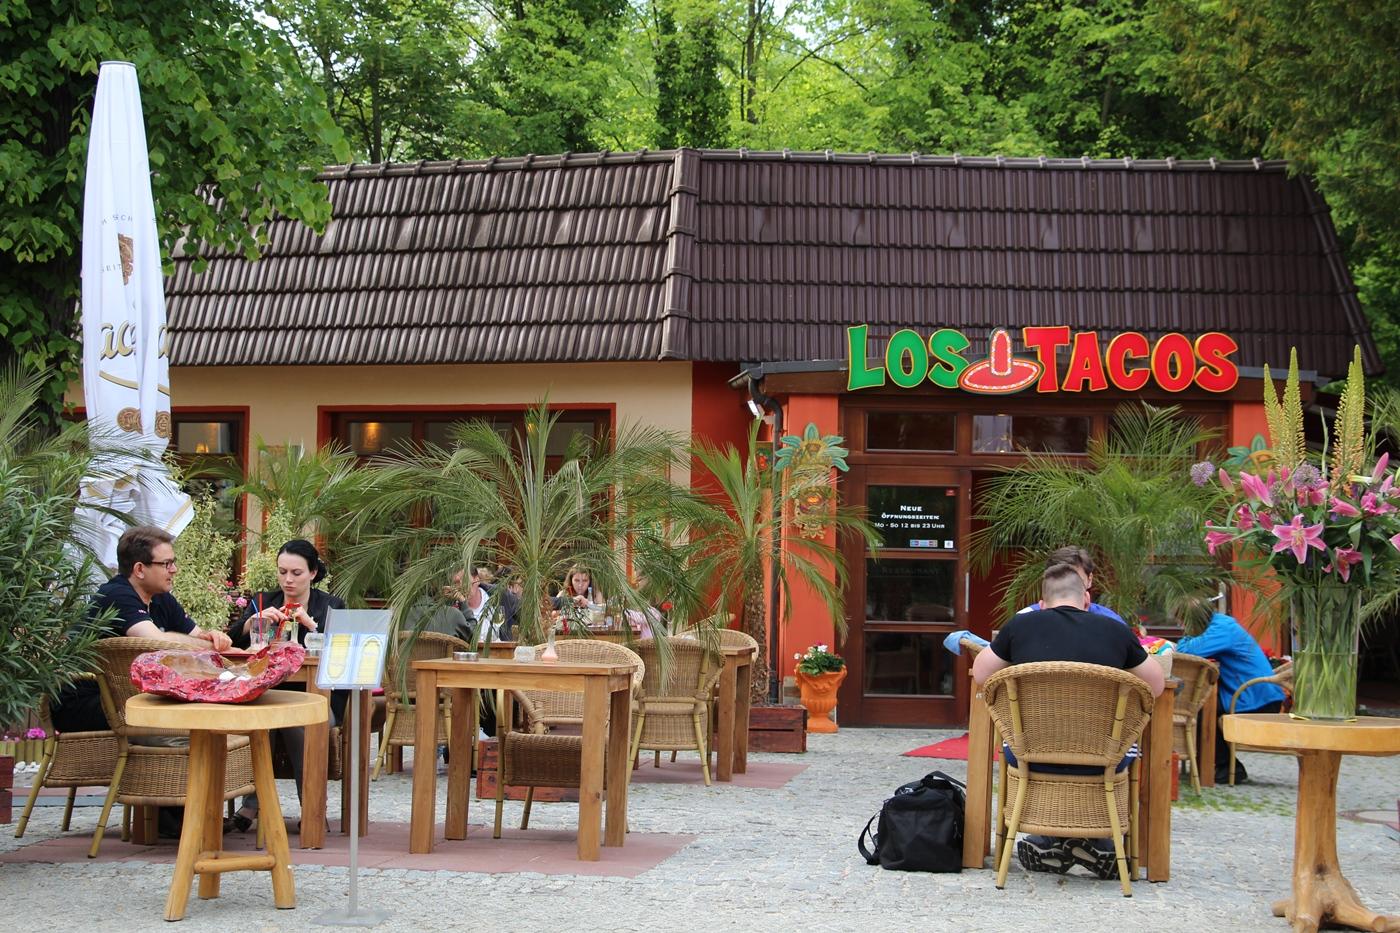 Lascotas Restaurant_Königs Wusterhausen_Garden area1